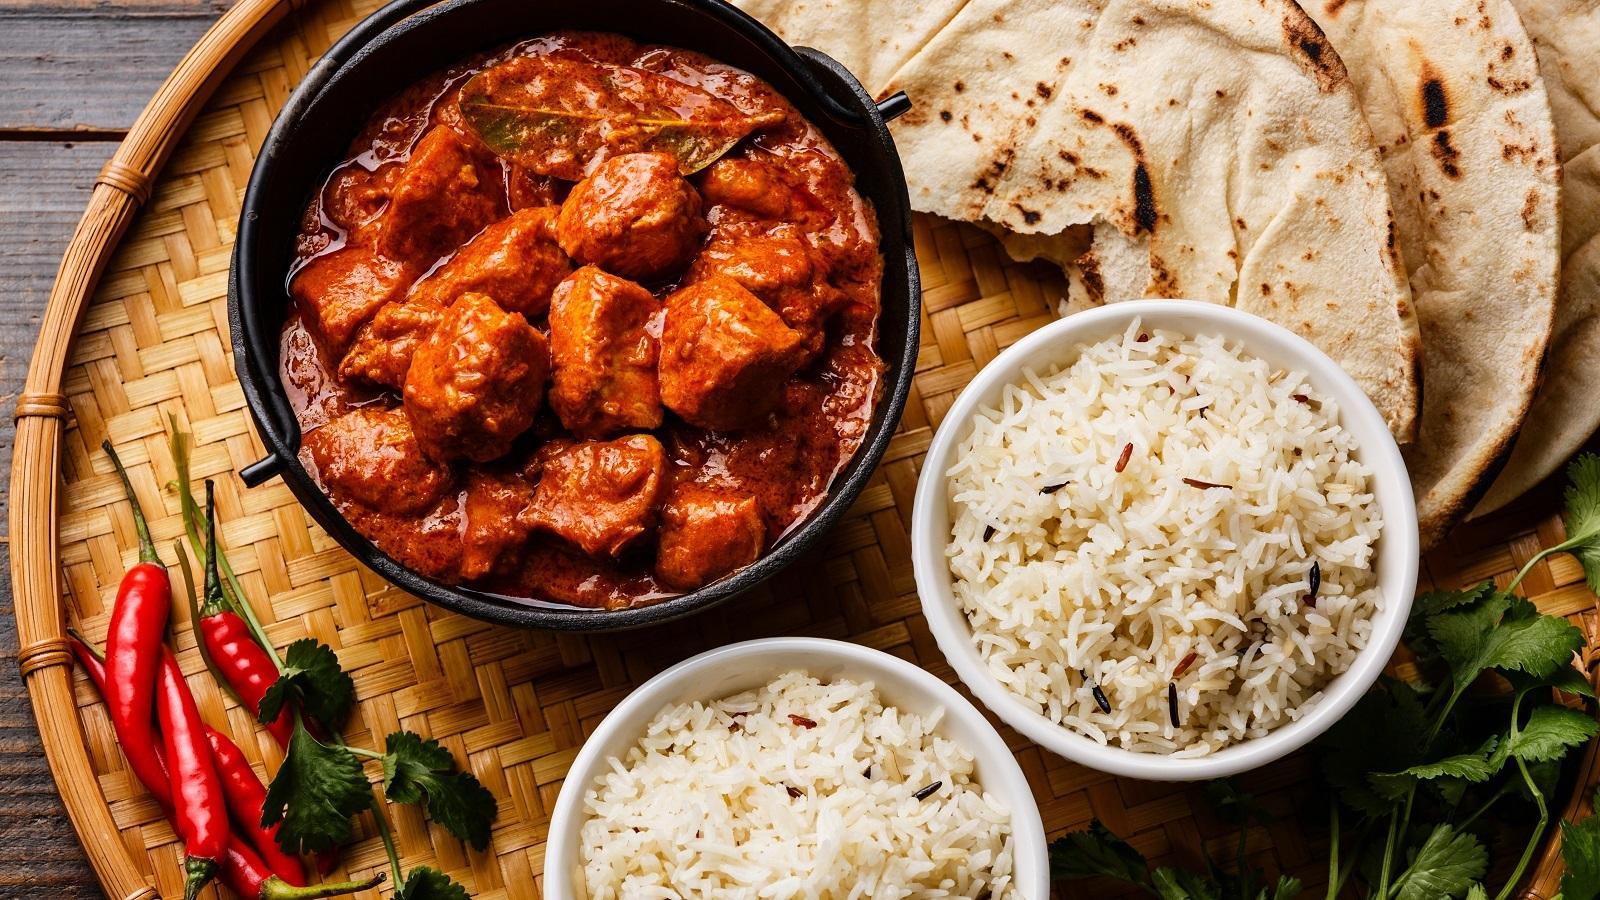 Moonlight Tandoori Restaurant